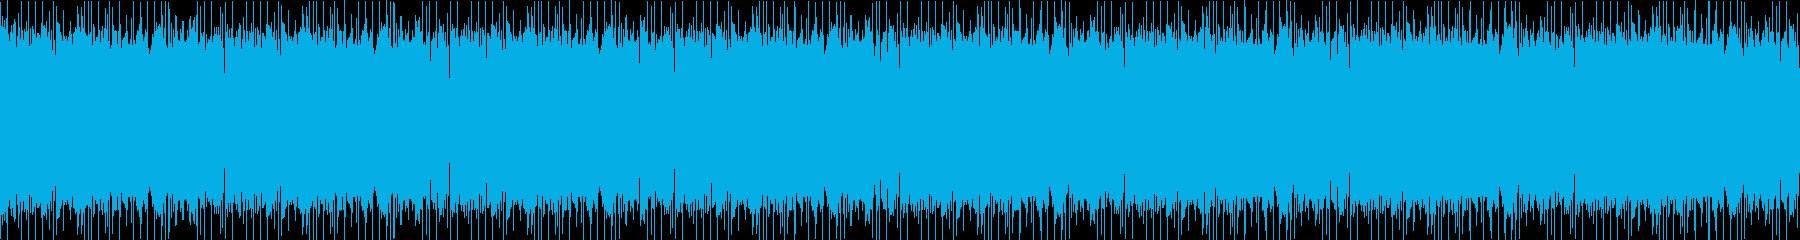 切迫する様な緊張感のあるビートの再生済みの波形